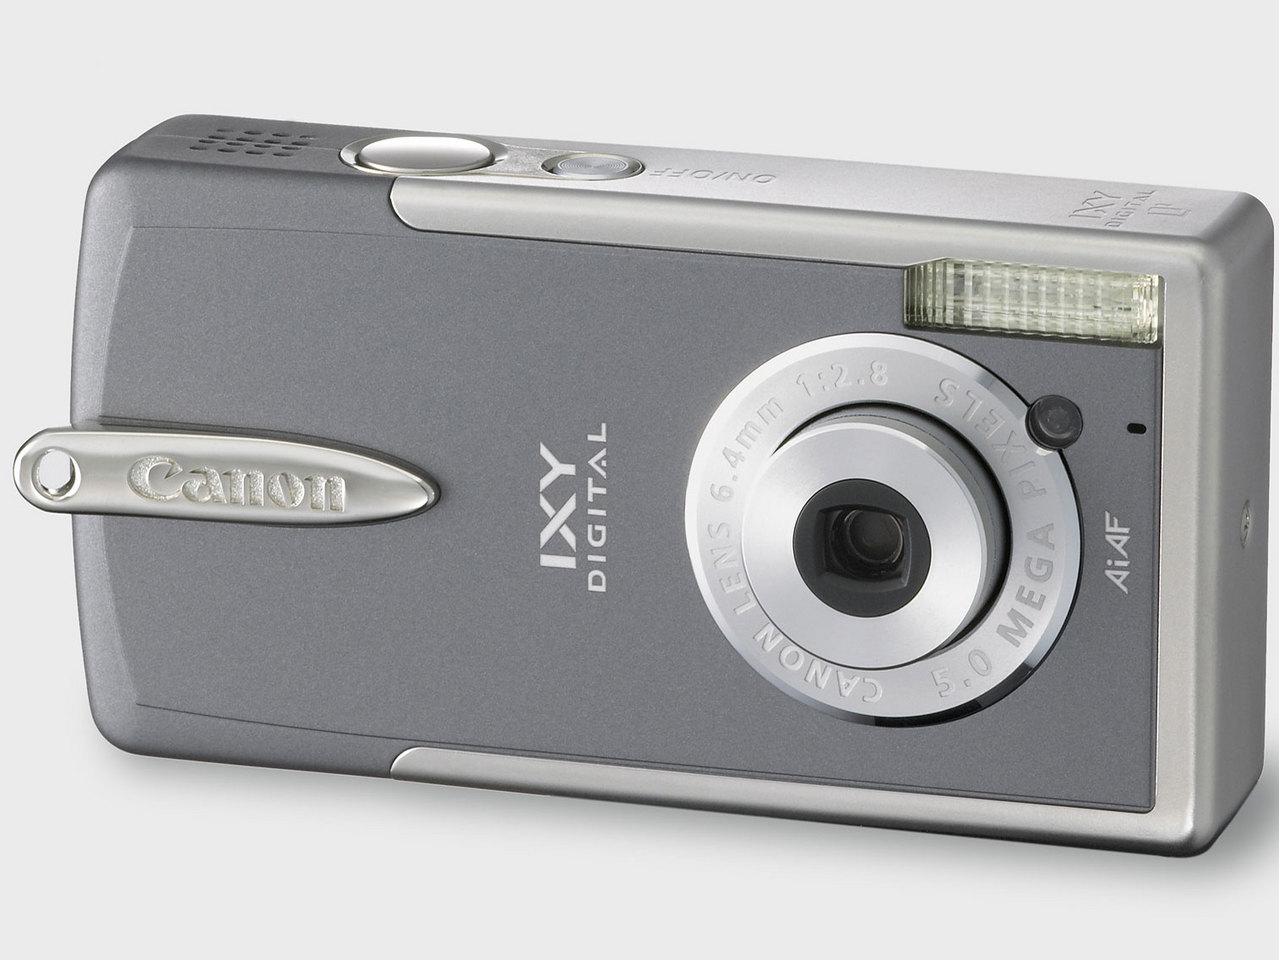 『本体 正面 フランネルグレー』 IXY DIGITAL L2 の製品画像